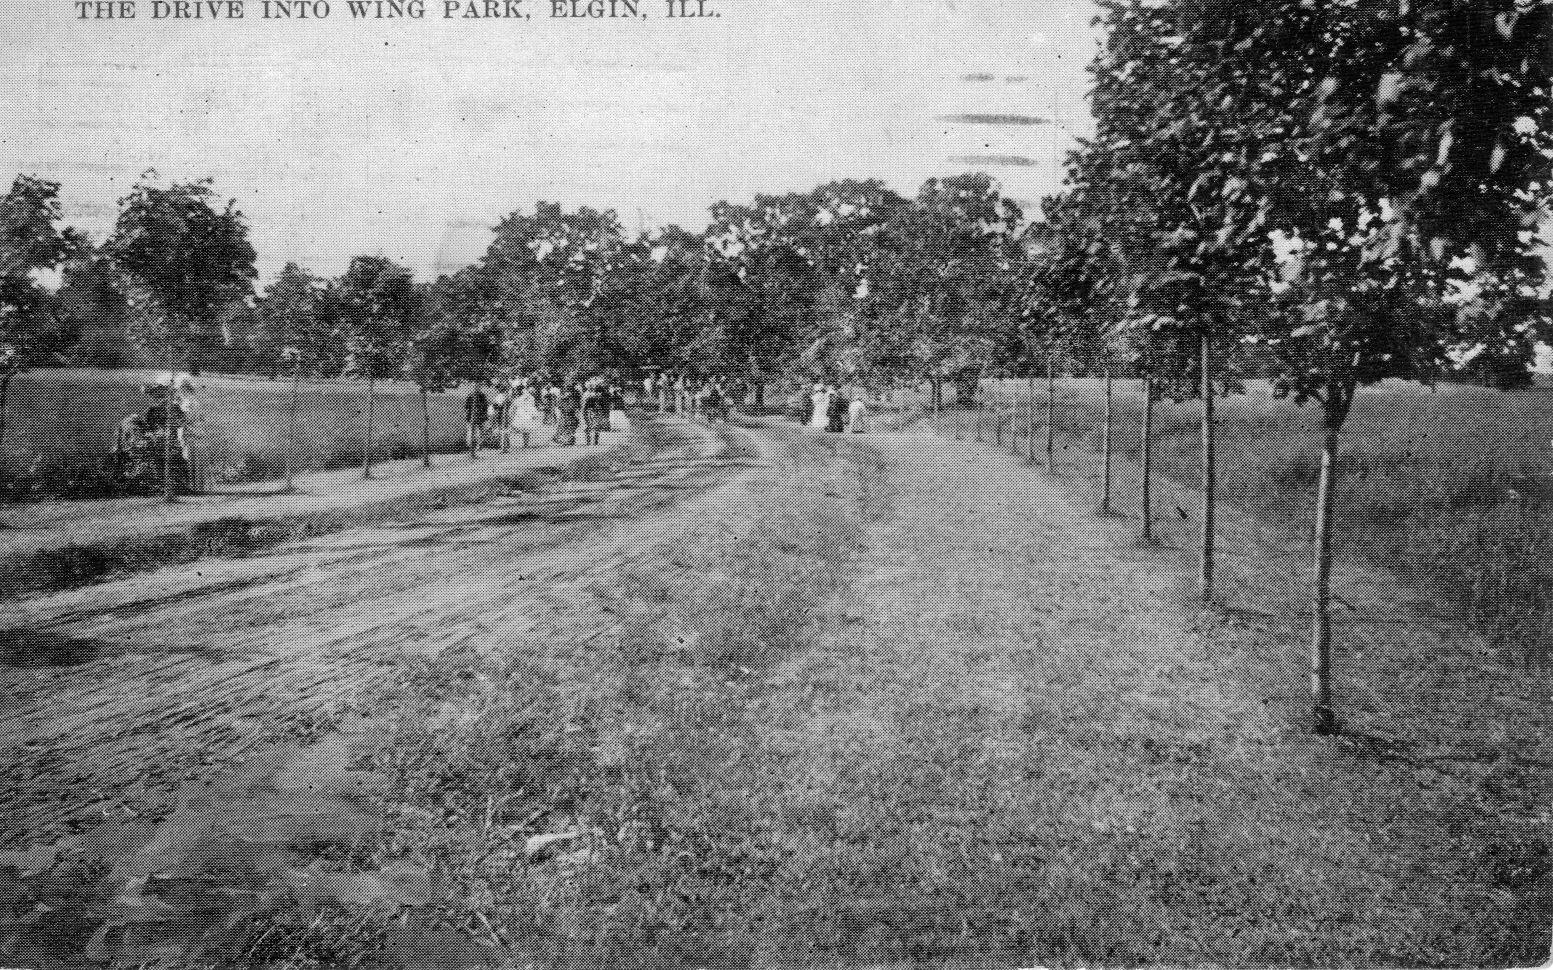 Wing-Park-1911.jpg